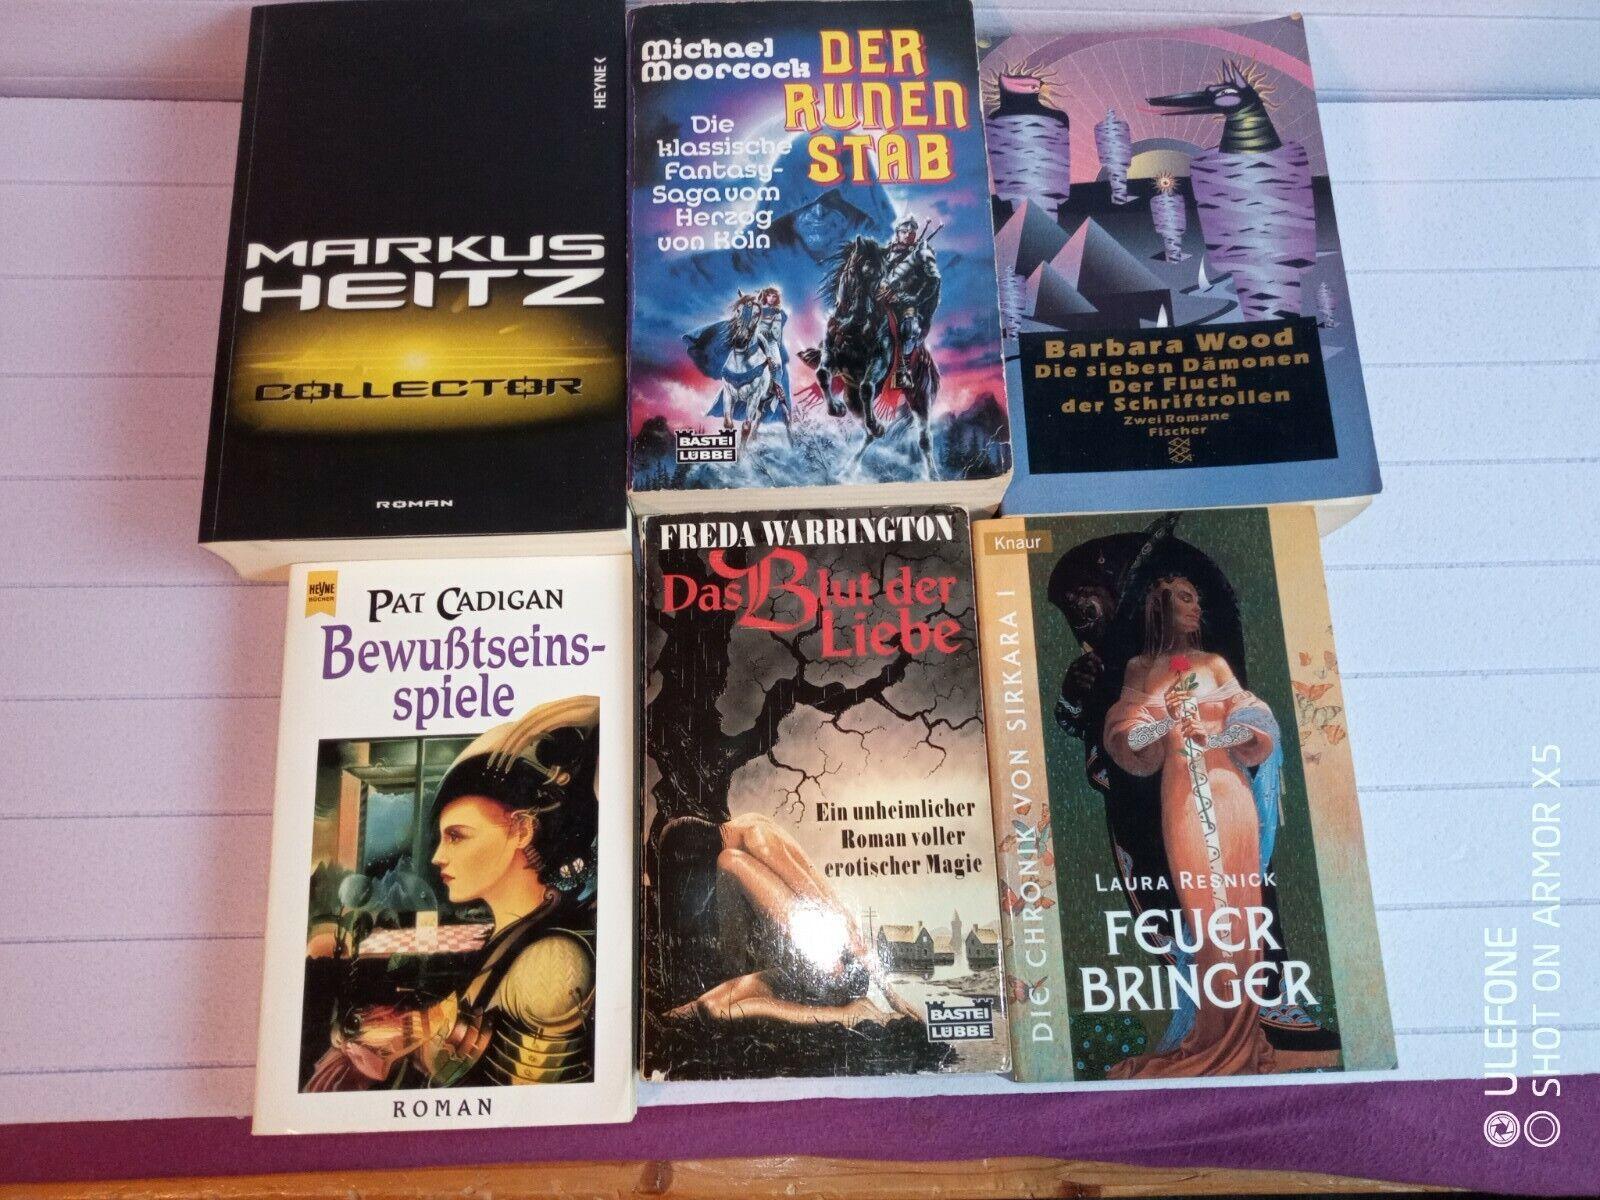 6 Utopische Romane Science Fiction  verschiedene Schriftstellern Markus Heitz